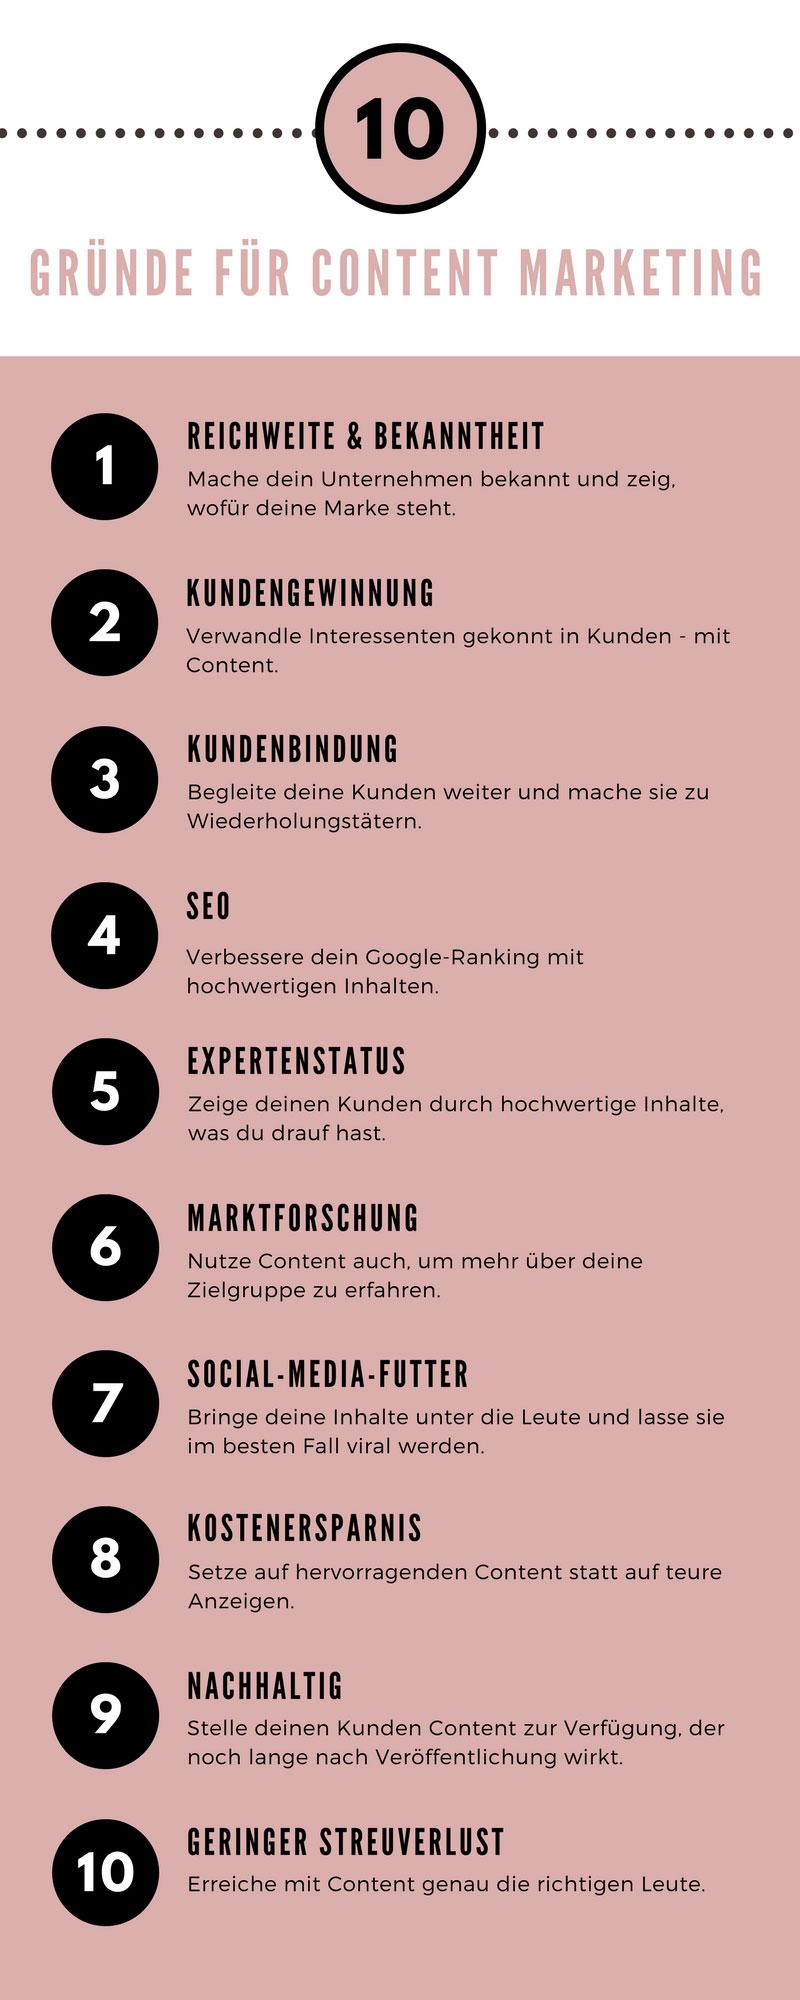 10 Gründe für Content Marketing | maditas-content.de